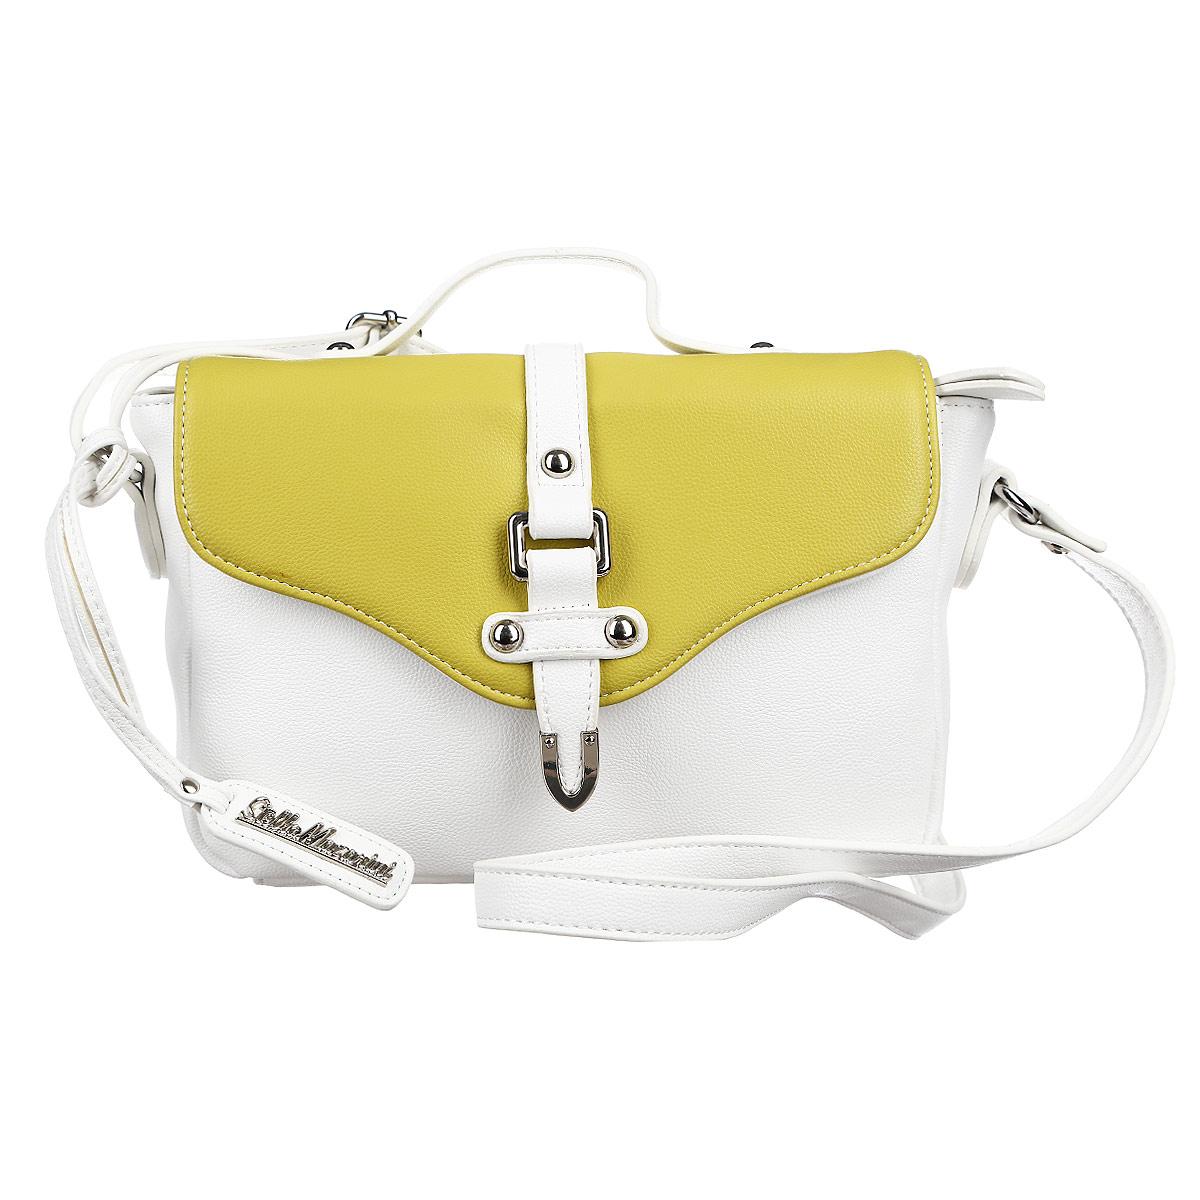 Сумка женская Stella Mazarini, цвет: белый, зеленый. 12-R38550C12-R38550CВместительная сумка, выполненная из высококачественной искусственной кожи. Модель закрывается на молнию, на задней стенке открытый карман, прилагается длинный ремень. Внутри одно основное отделение с большим карманом на молнии, а также внутренние карманы для документов и мобильного телефона, один из которых защищен застежкой на кнопке. Такая сумка позволит вам подчеркнуть свой стиль и особенный статус.